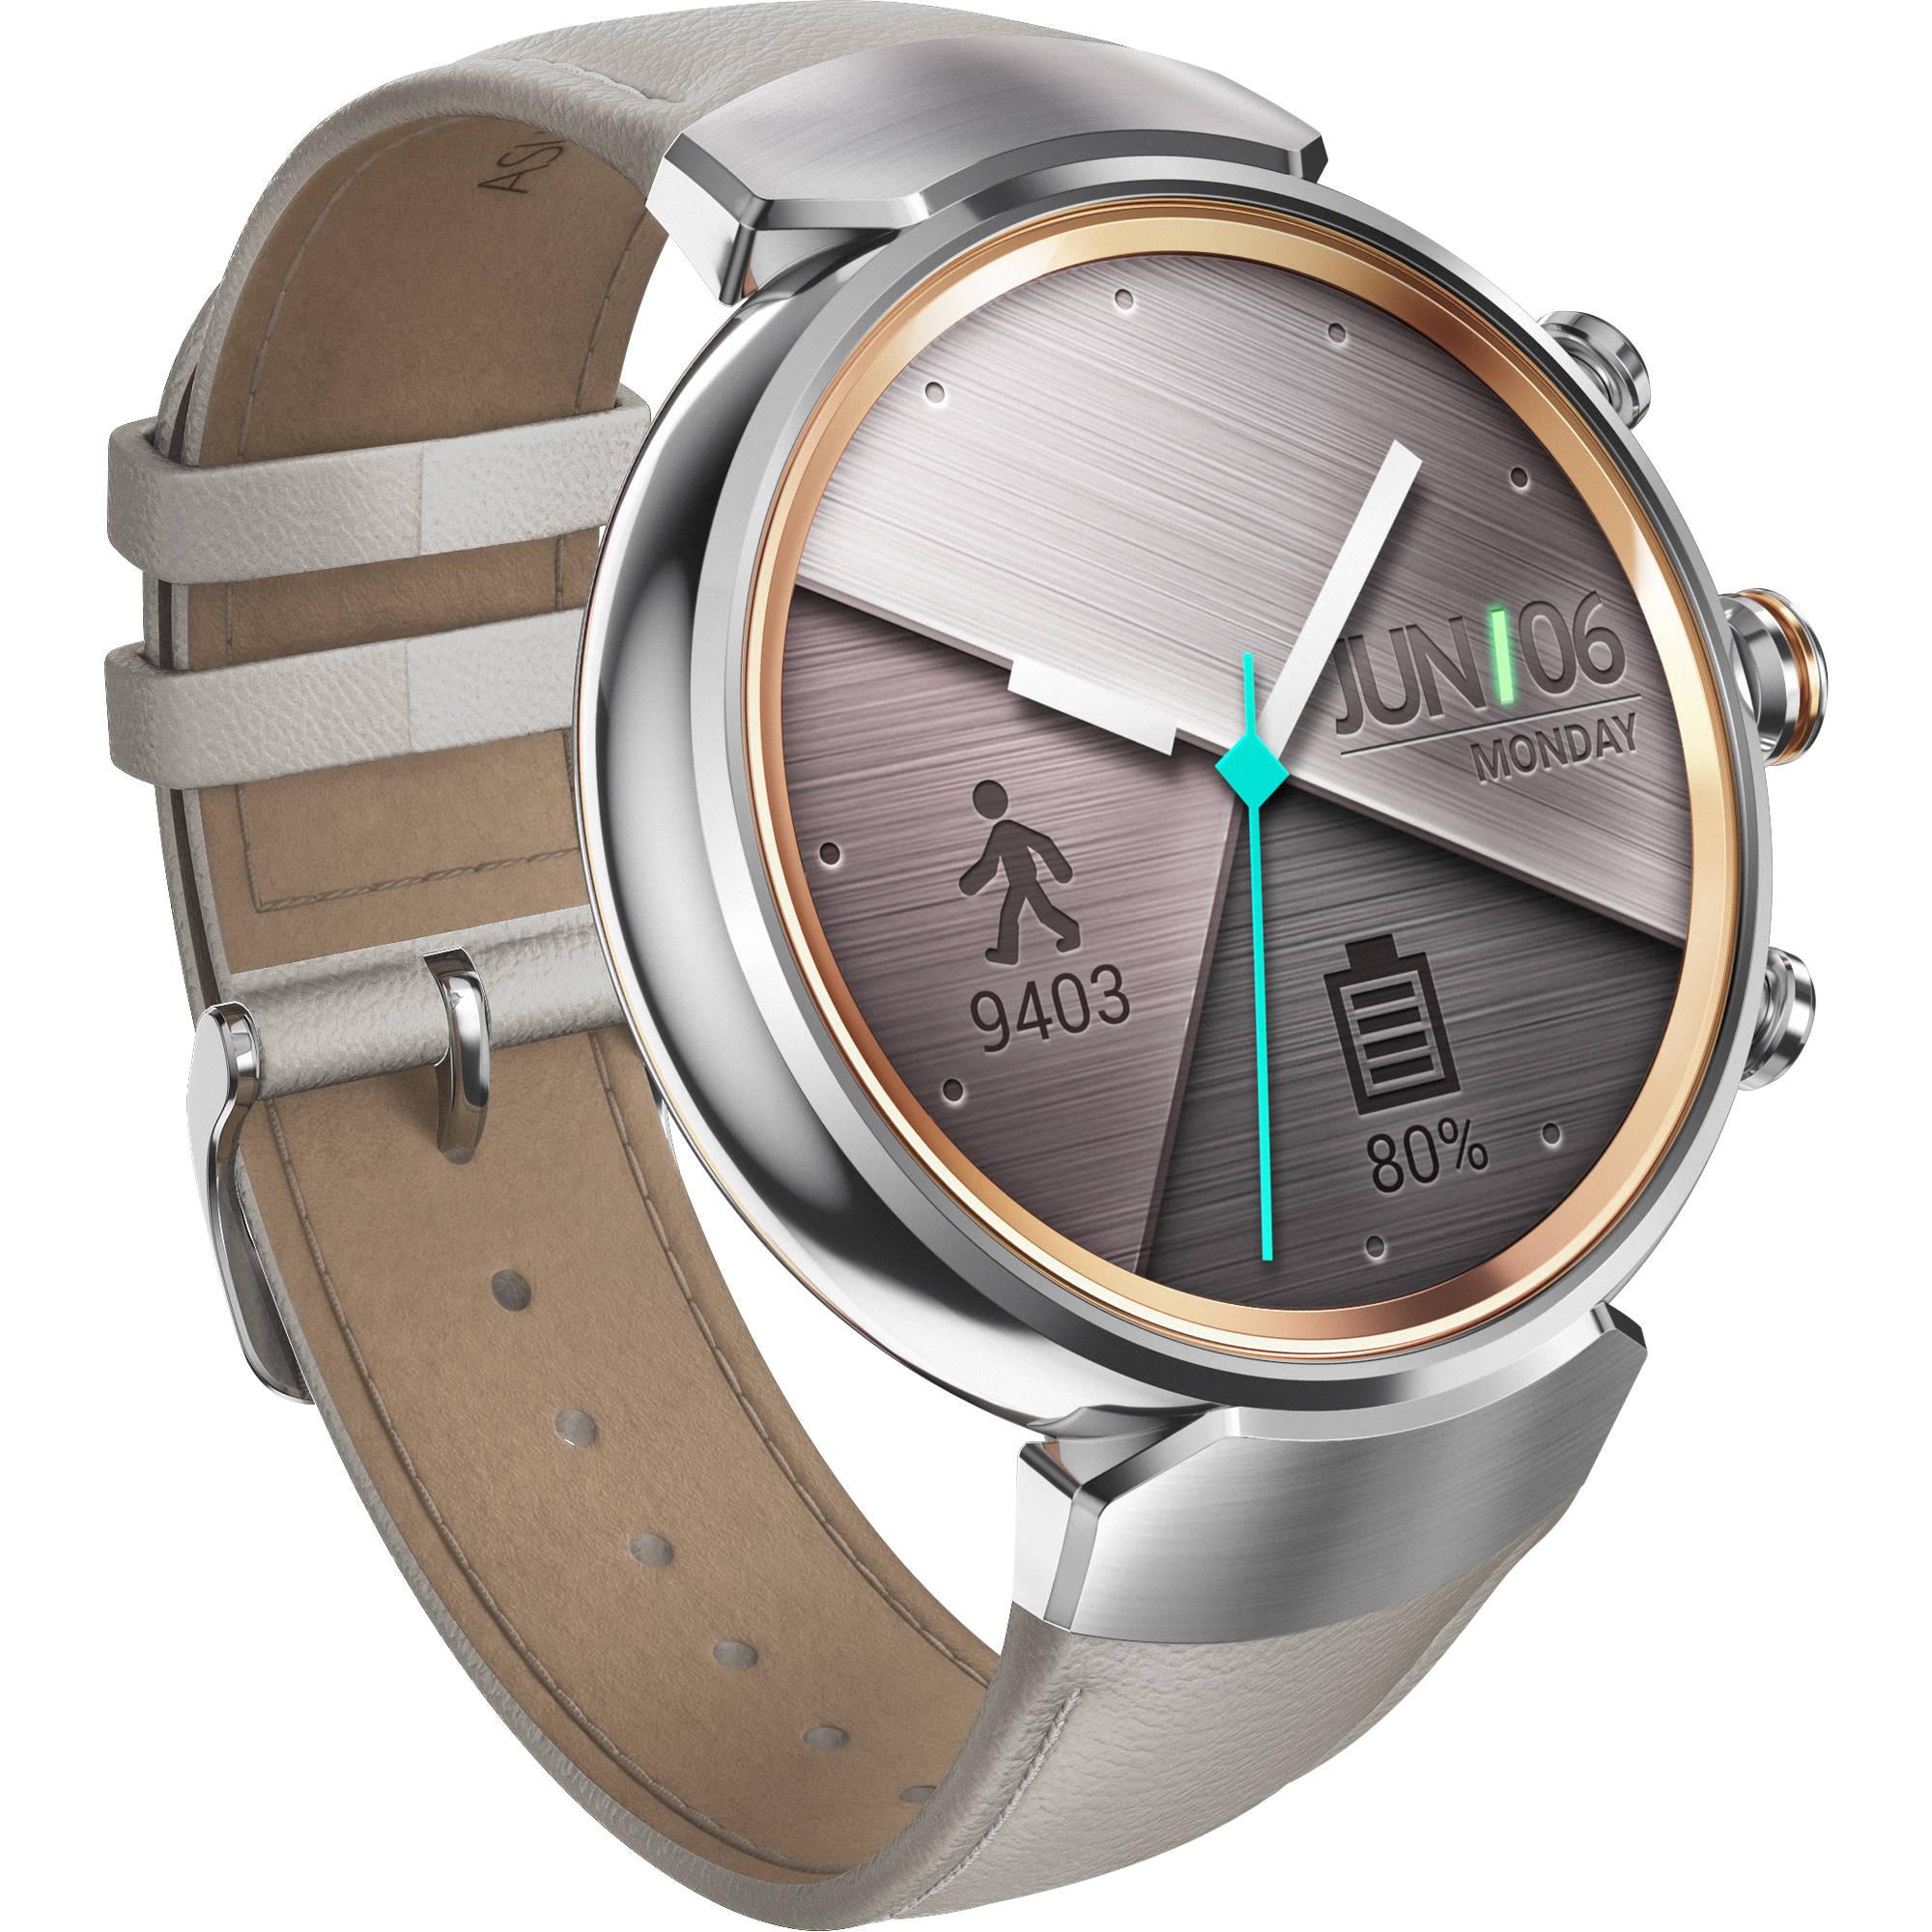 Walmart: Asus Zenwatch 3 Plata c/Beige